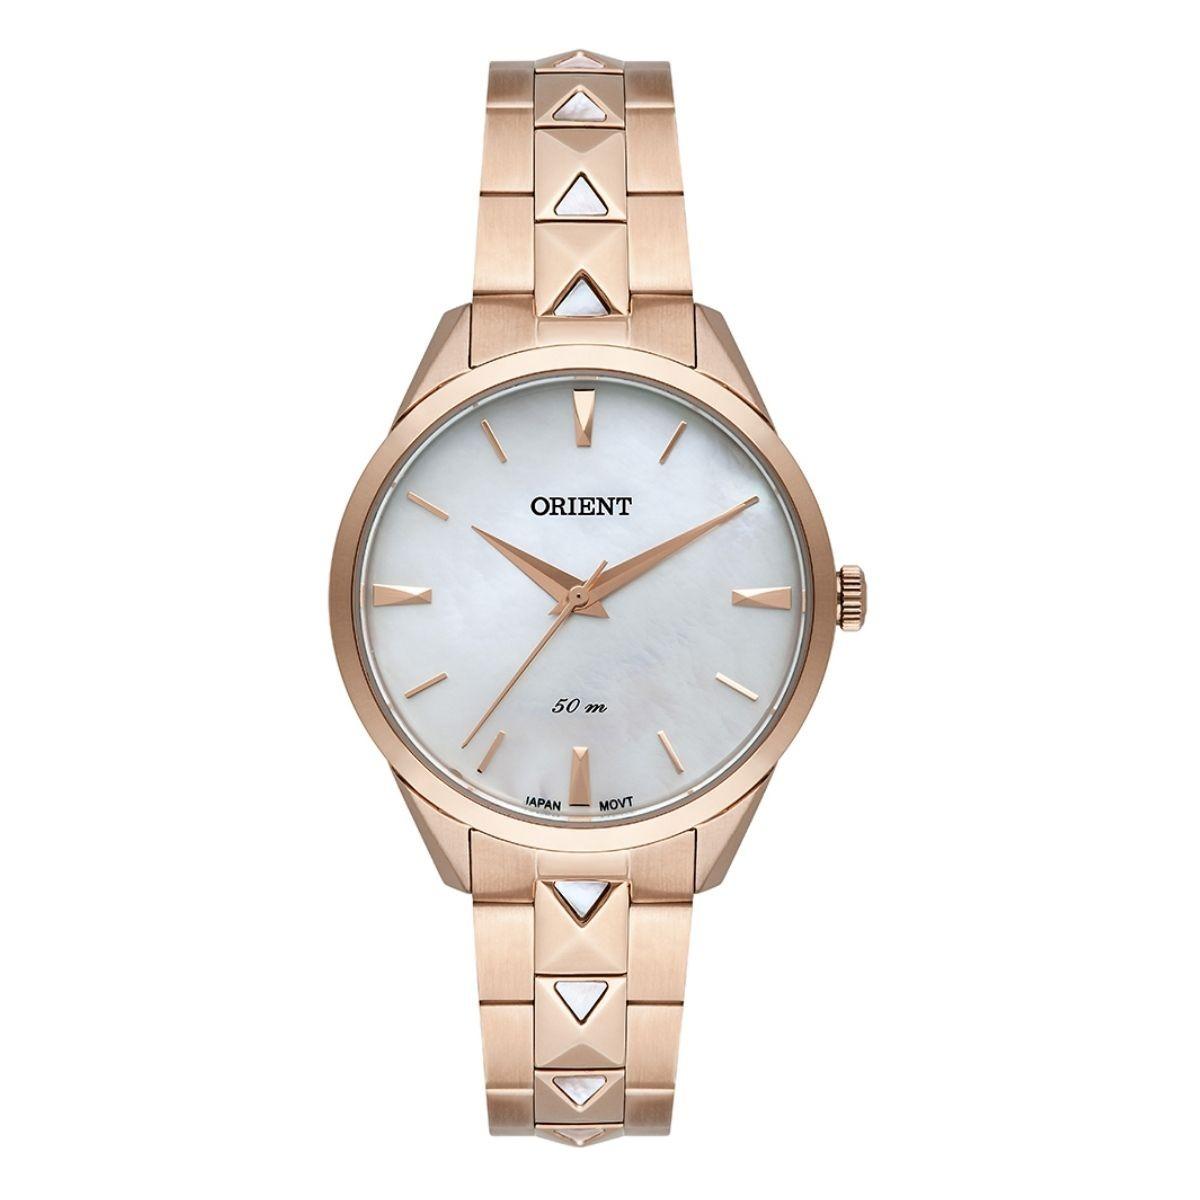 Relógio Feminino Orient Rose/Madre Pérola